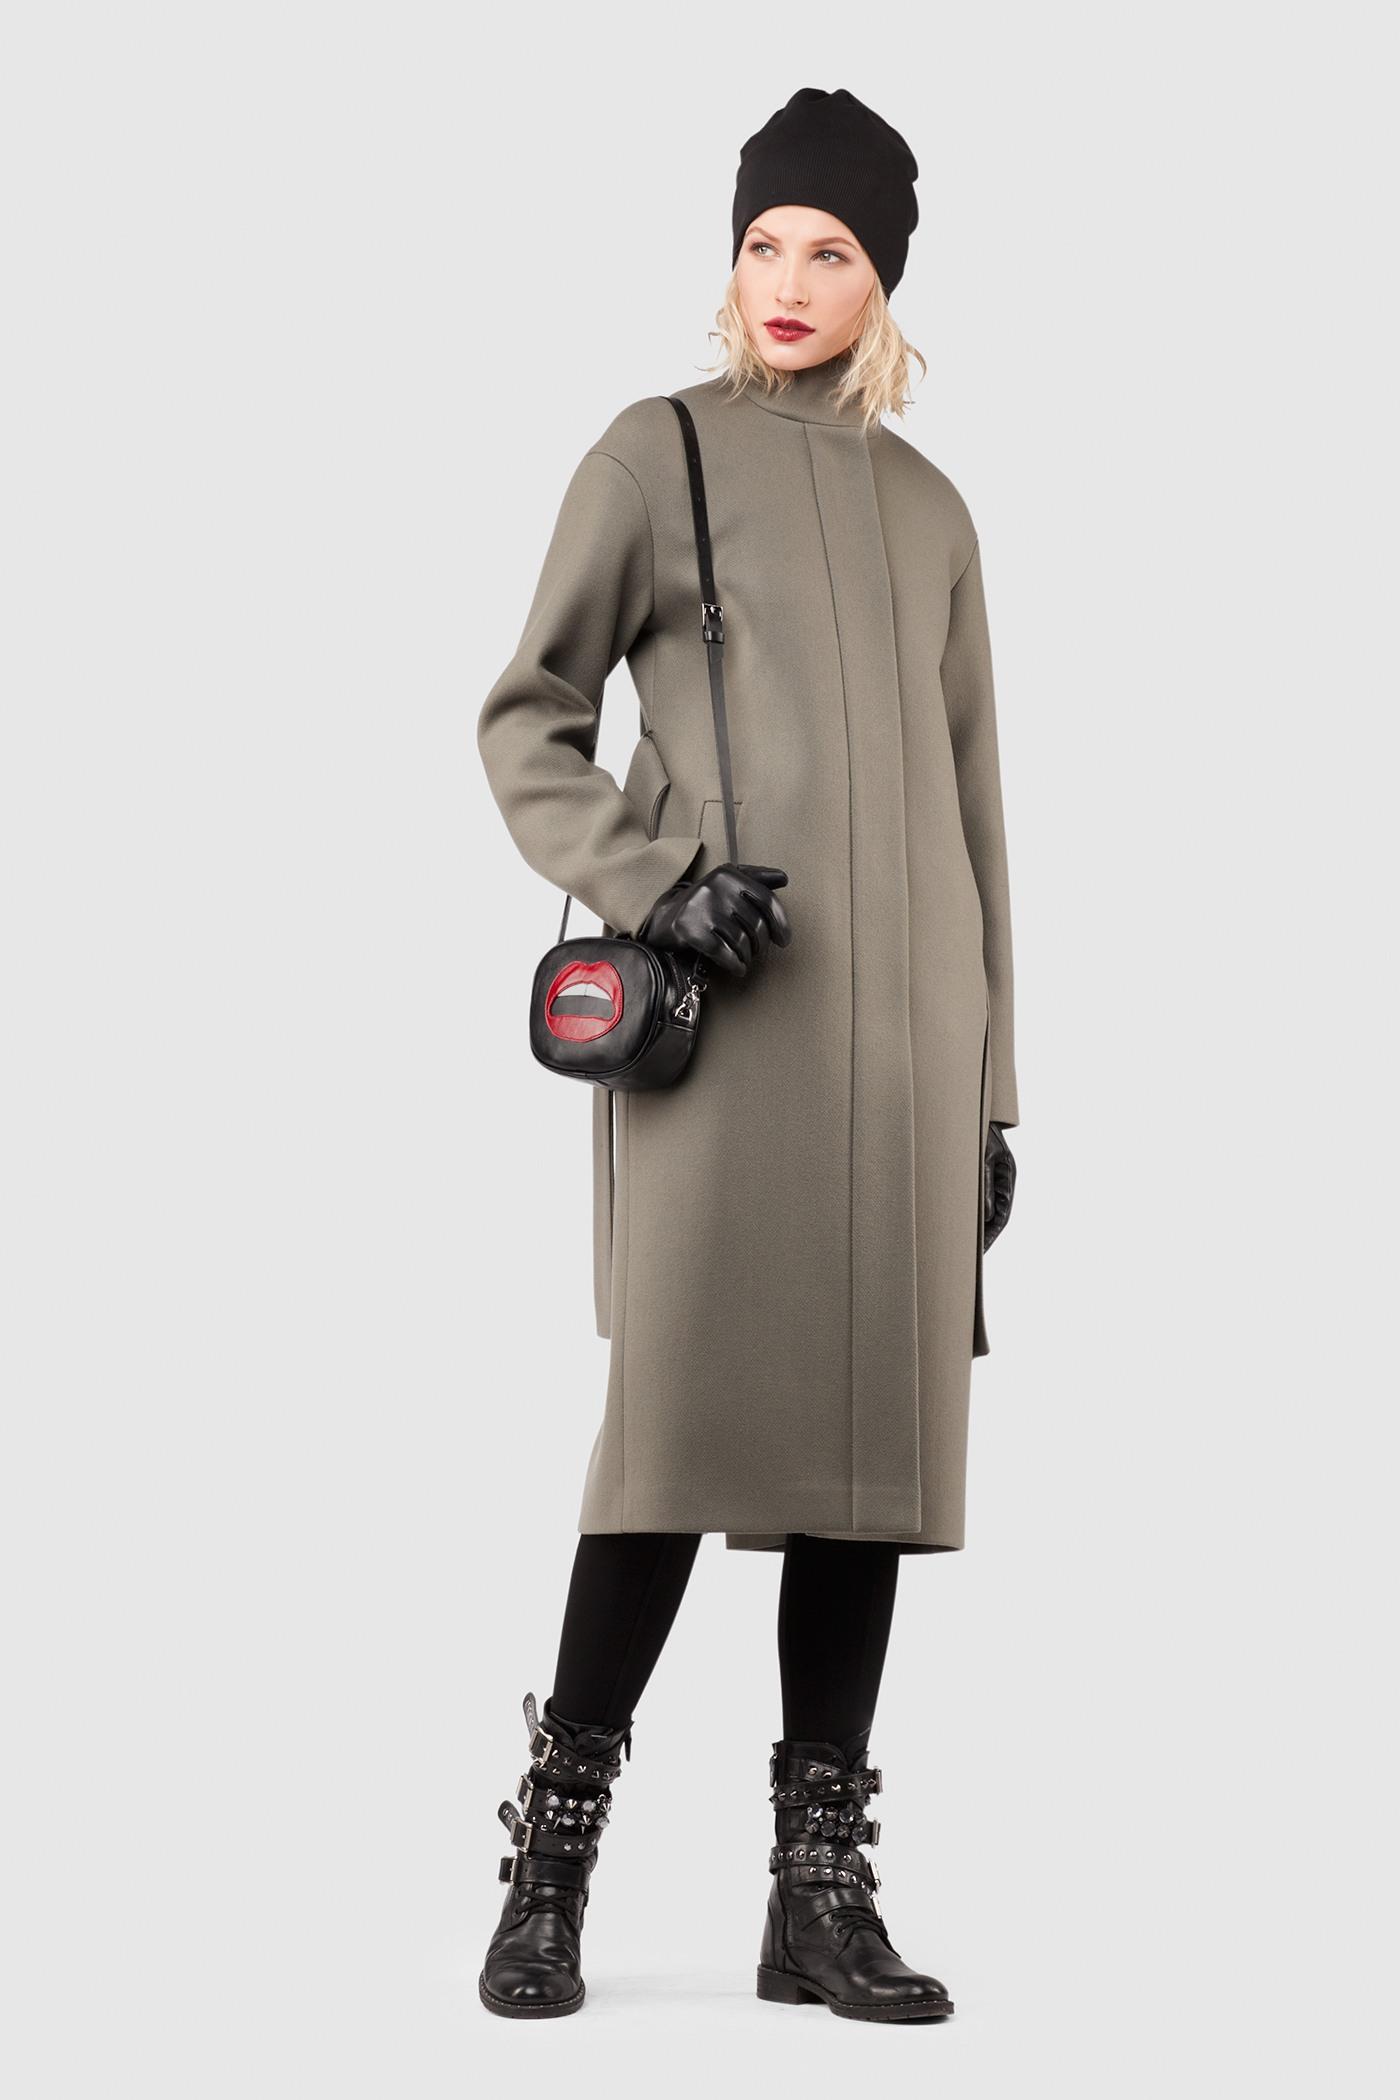 Утепленное пальто - ДУБЛИН (10.0)Зимнее шерстяное пальто свободного силуэта&#13;<br>&#13;<br>Пальто прямого, неприталенного силуэта с воротником стойкой. Застежка на пришивные кнопки. Карманы с широкой листочкой несколько смещены к боковому шву. Линия плеча расширена и опущена. Конструкция без подплечников. Модель подходит для всех типов фигур - А, Т, О-образных.&#13;<br>&#13;<br>&#13;<br>рекомендуемая сезонность: холодная осень, теплая зима&#13;<br>&#13;<br>данную модель можно НЕ утеплять, 1 слой утеплителя присутствует в базовой комплектации&#13;<br>&#13;<br>шерстяной дышащий утеплитель эффективно сохраняет тепло и при этом не препятствует свободной циркуляции воздуха&#13;<br>&#13;<br>утеплитель- не съемный, вшивается на этапе сборки между основной тканью и подкладочной&#13;<br>&#13;<br>?пояс в комплекте&#13;<br>&#13;<br>кнопки-магниты вместо пуговиц&#13;<br>&#13;<br>длина по спинке размера S при росте 164-170 см: 111 см&#13;<br>&#13;<br>модель имеет ростовку: 170-176. Размер и другие нюансы уточняются при заказе, мы с вами связываемся по указанному вами номеру телефона&#13;<br>&#13;<br>Размер S, М есть в ростовке 158-164,&#13;<br>&#13;<br>ТОТАЛЬНАЯ РАСПРОДАЖА - обмену и возврату не подлежит!<br><br>Цвет: Оливковый<br>Размер: XS, S, M, L<br>Ростовка: 158 -164, 170 -176, 164 -170